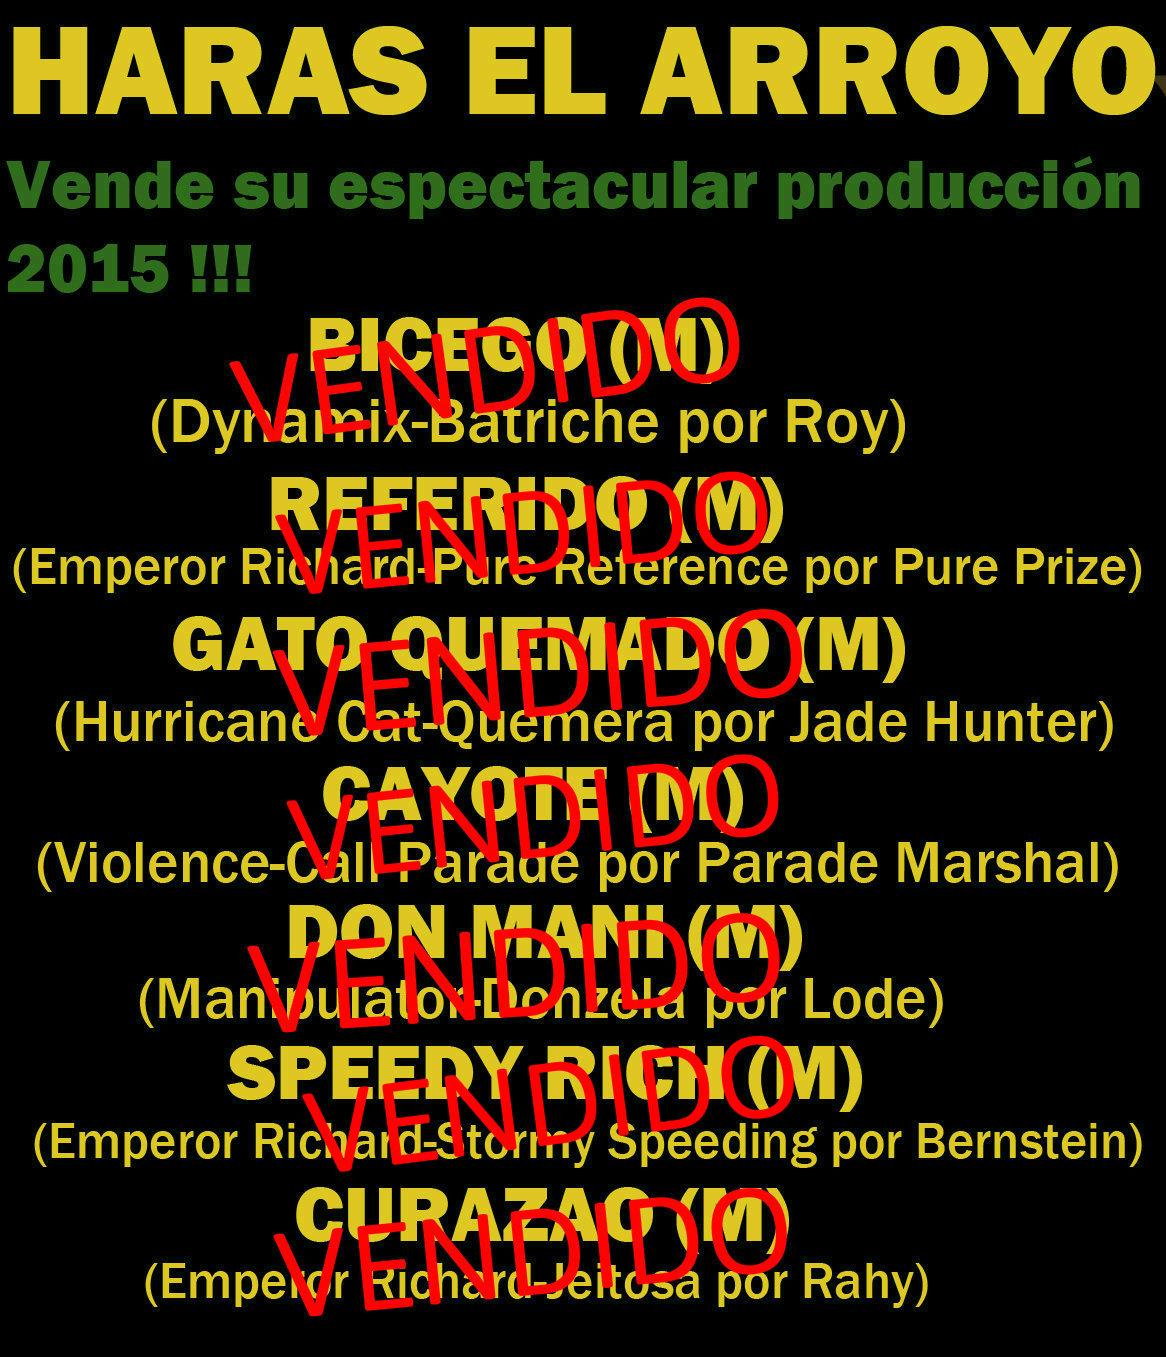 HS EL ARROYO